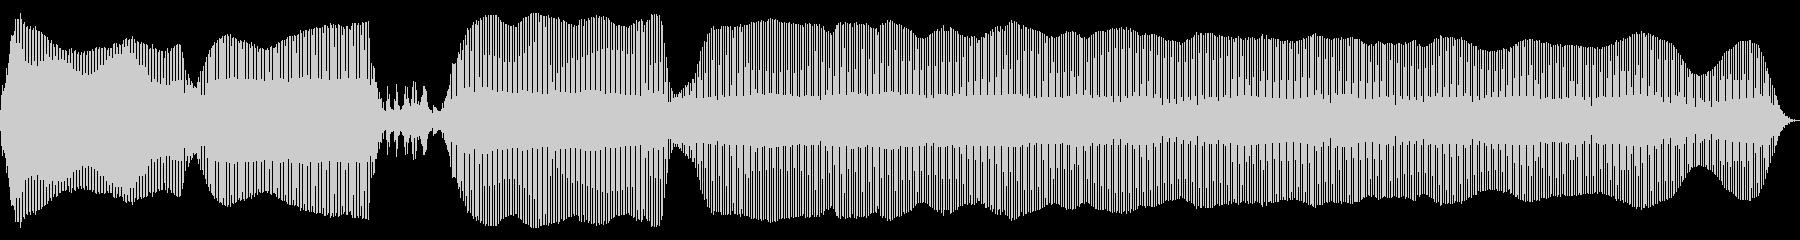 失敗 不正解 トランペットの未再生の波形